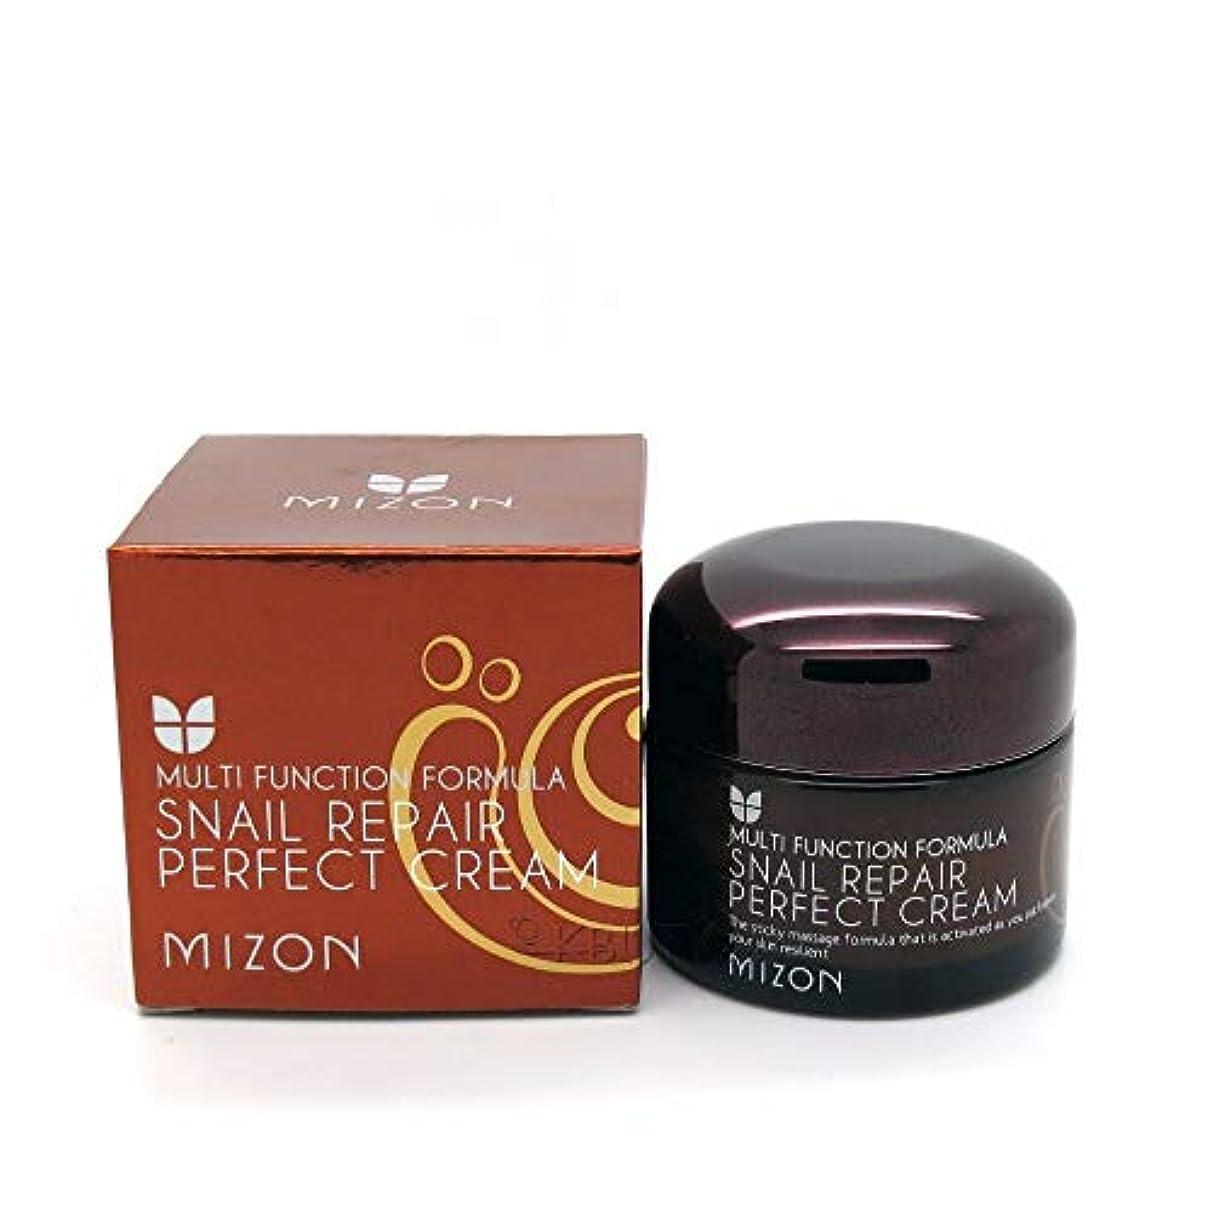 シリンダー驚いた粒子MIZONカタツムリRIRパーフェクトクリーム50ml韓国化粧品しわ